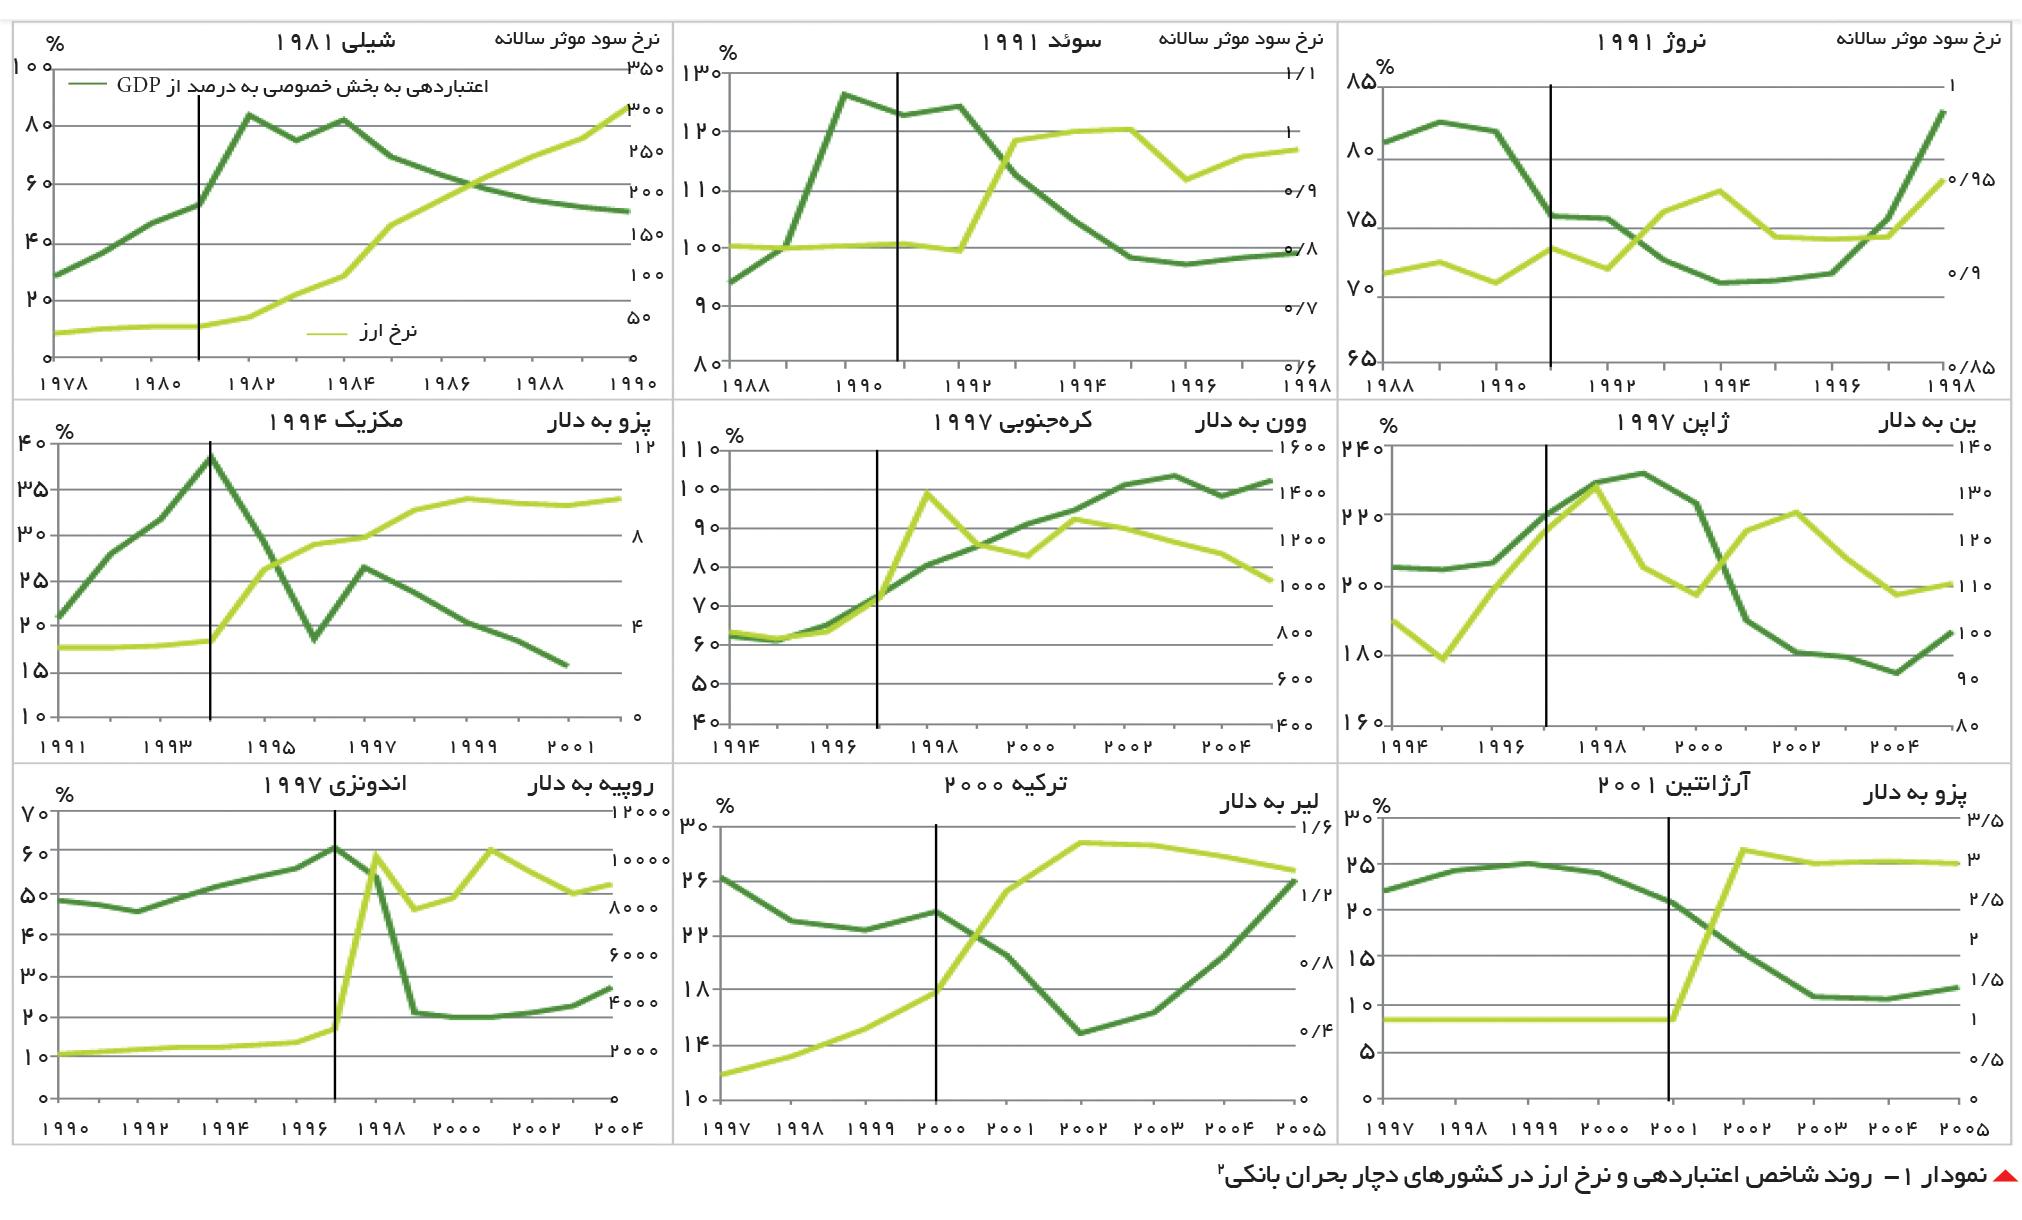 تجارت فردا- نمودار -1  روند شاخص اعتباردهی و نرخ ارز در کشورهای دچار بحران بانکی2